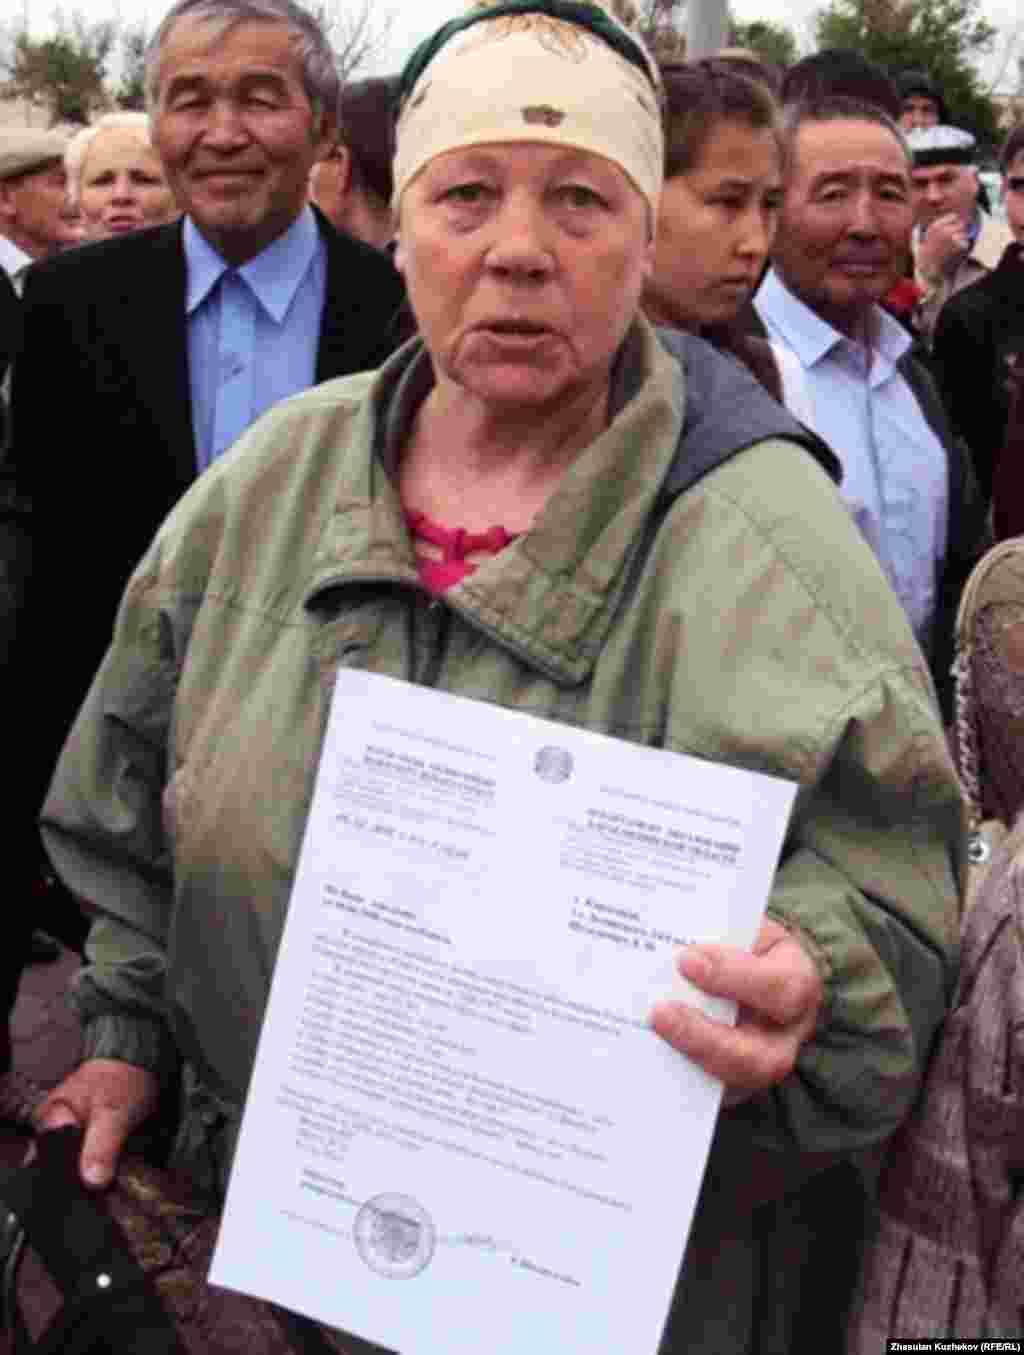 Лидия Шультевич, бывшая узница Карлага. Поселок Долинка Карагандинской области, 31 мая 2011 года. - Лидия Шультевич, бывшая узница Карлага. Поселок Долинка Карагандинской области, 31 мая 2011 года.